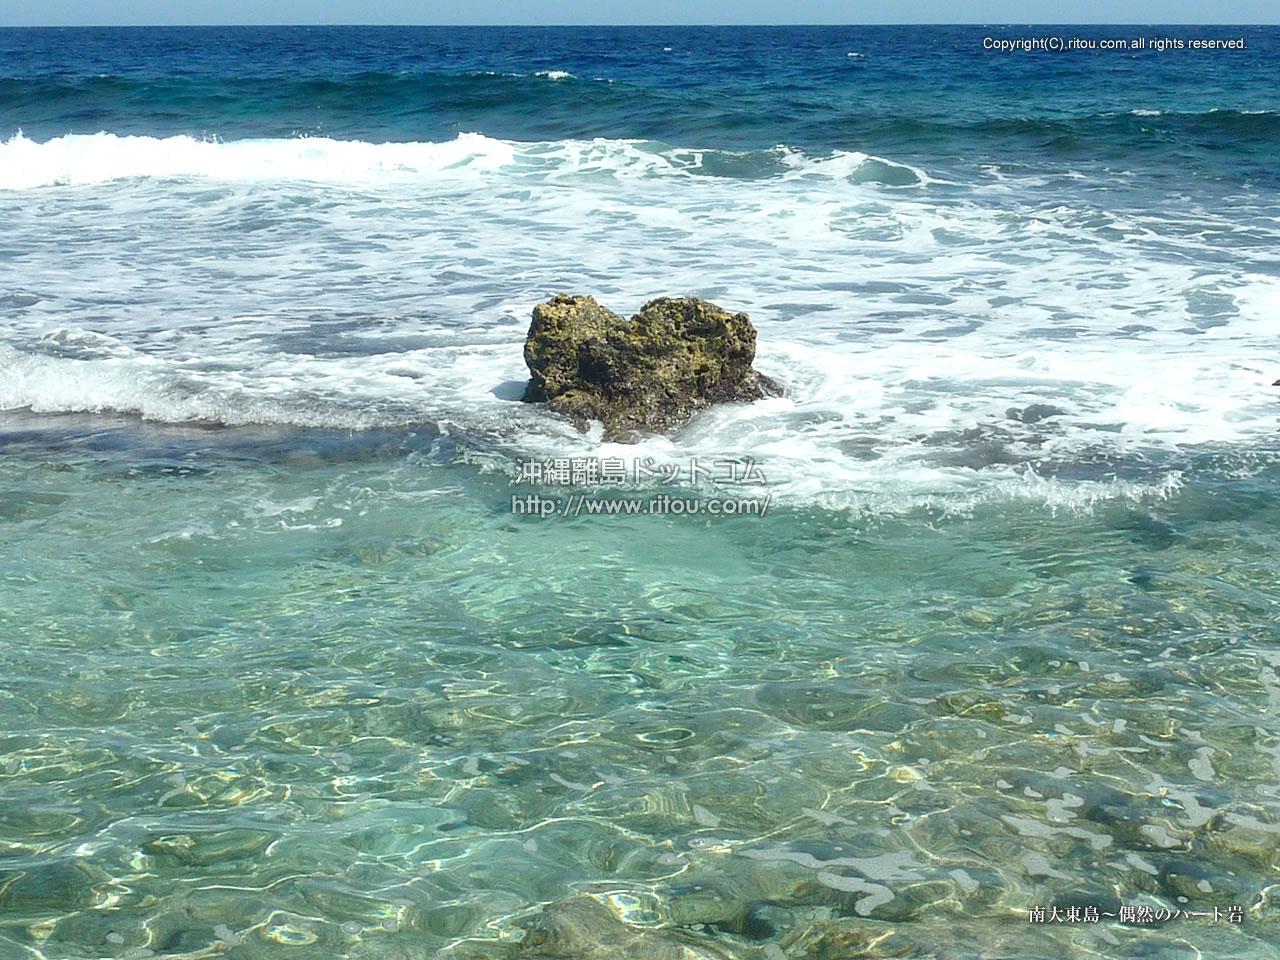 南大東島〜偶然のハート岩